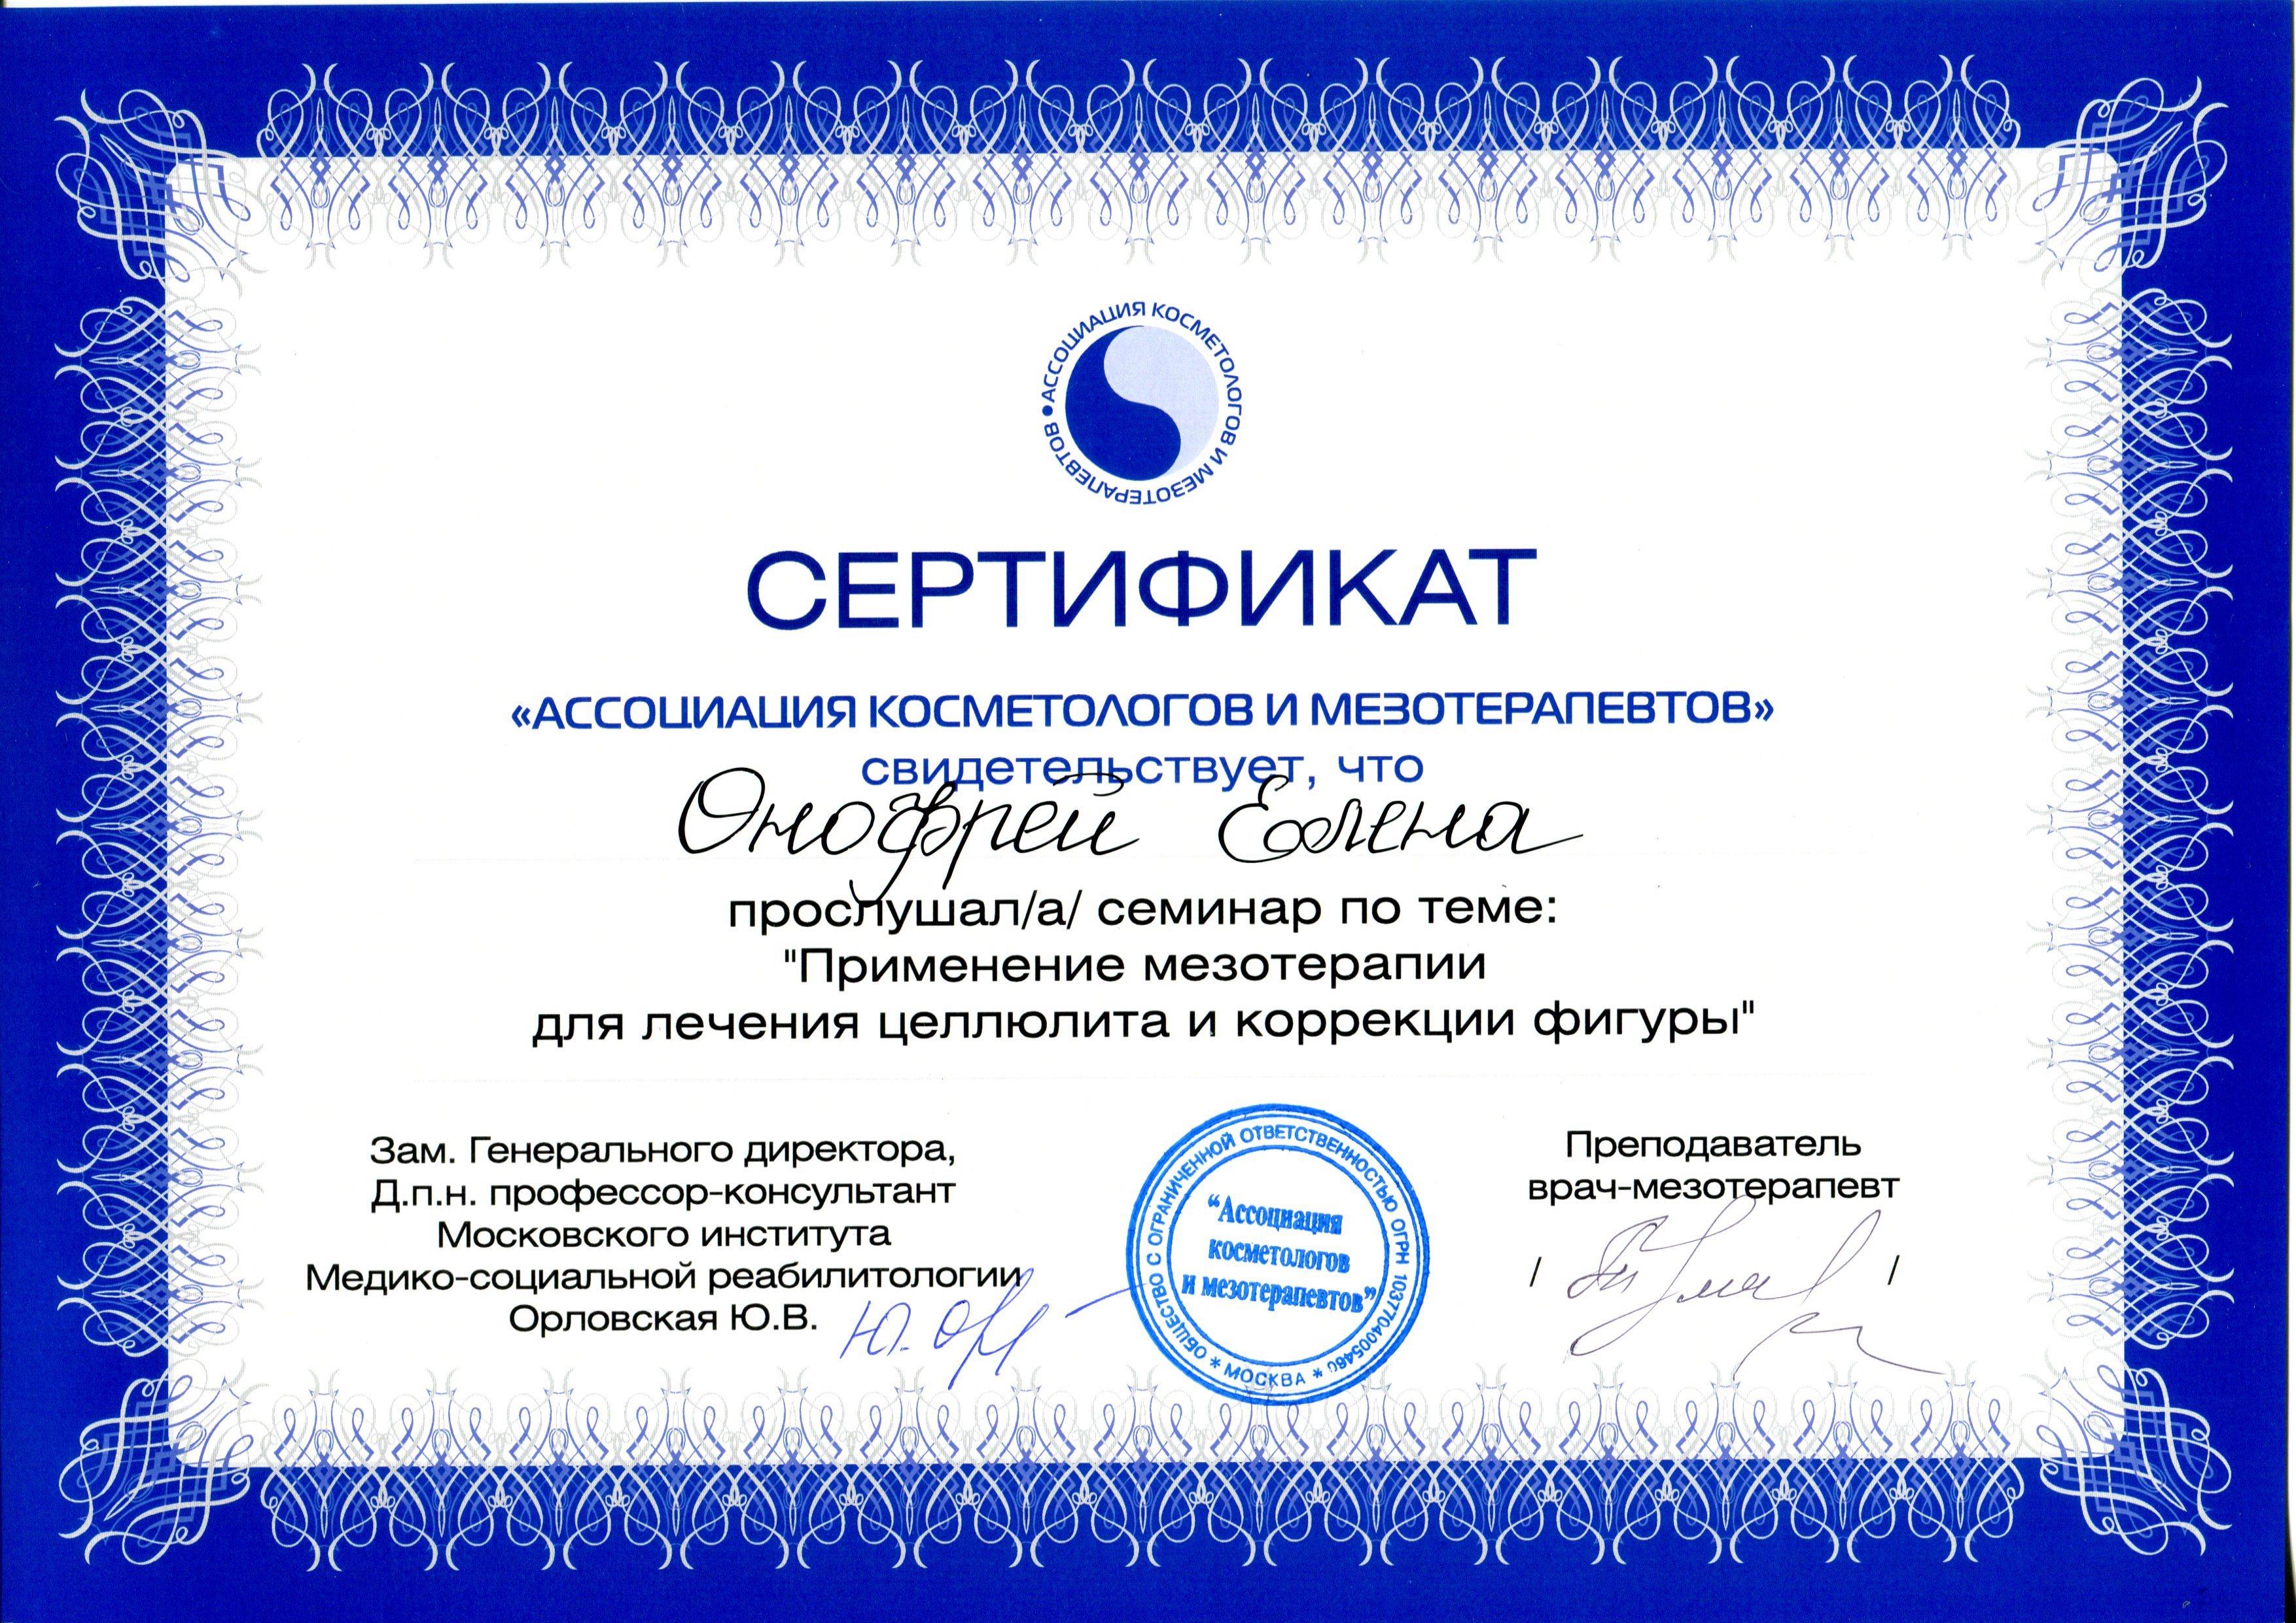 Купить диплом отзывы форум irecommend Направление подготовки 030900 Юриспруденция купить диплом отзывы форум irecommend Свидетельство о профессионально общественной